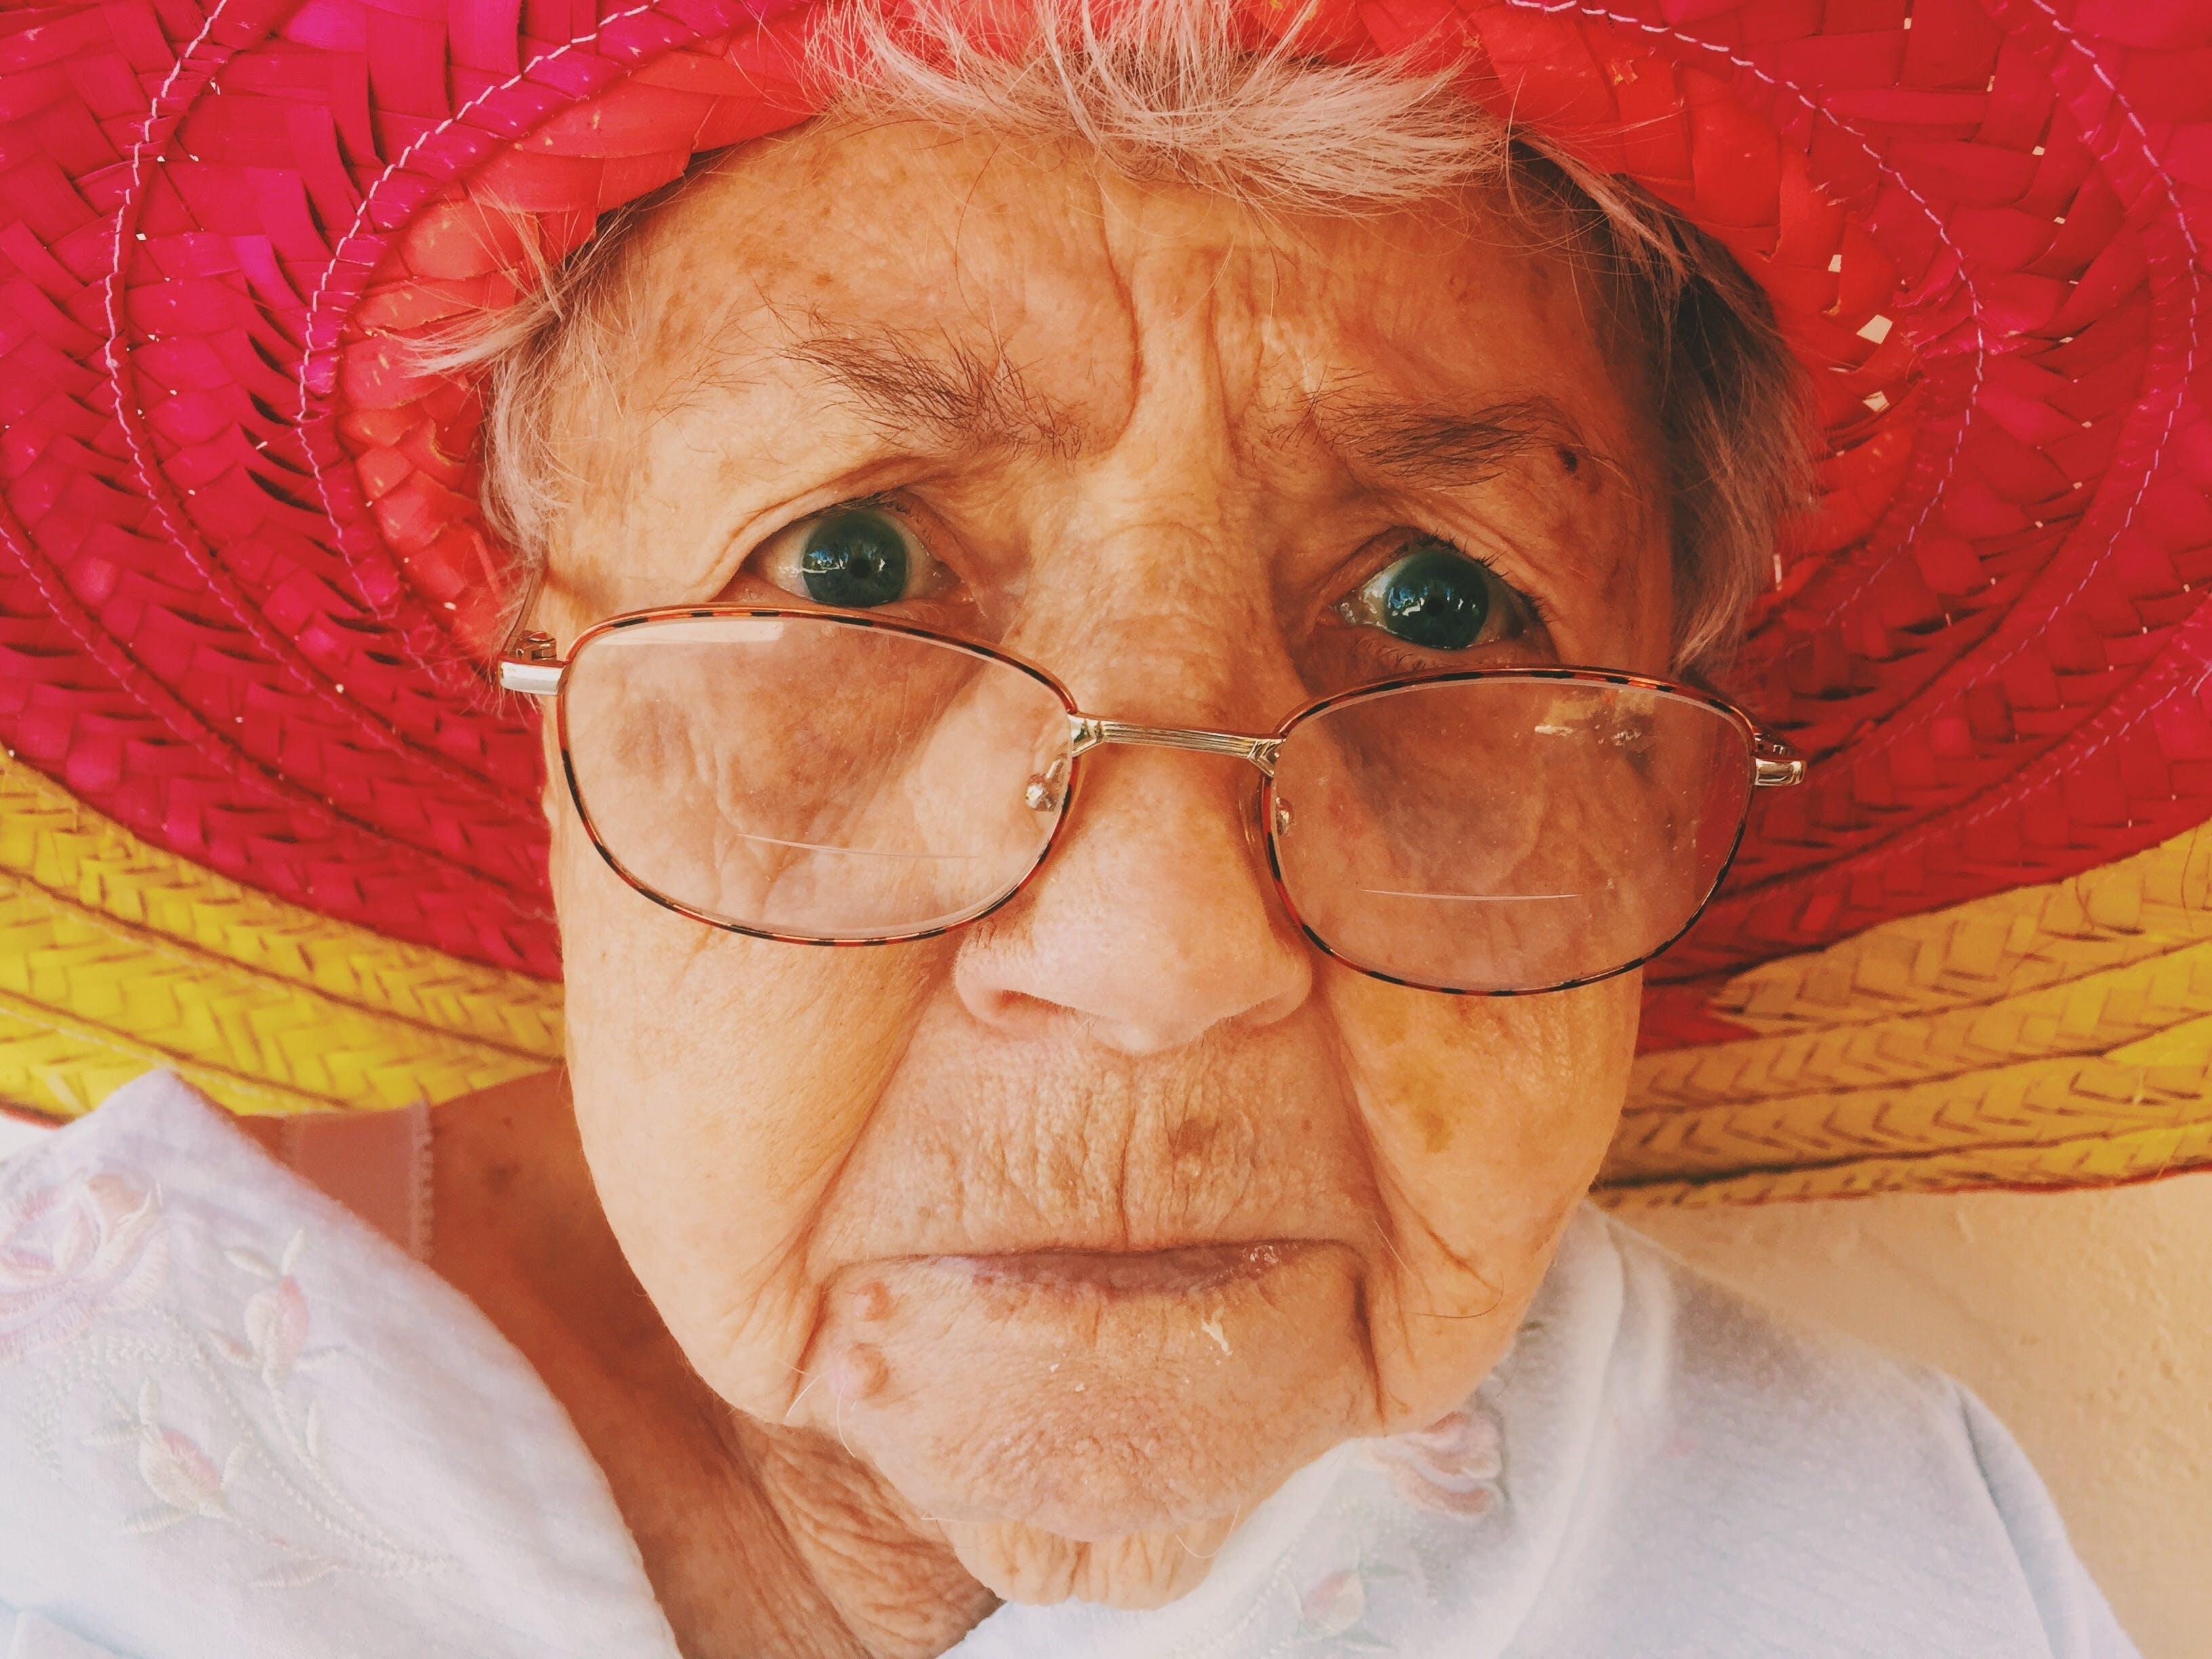 Gratis lagerfoto af alderdom, ansigtsudtryk, bedstemor, hat